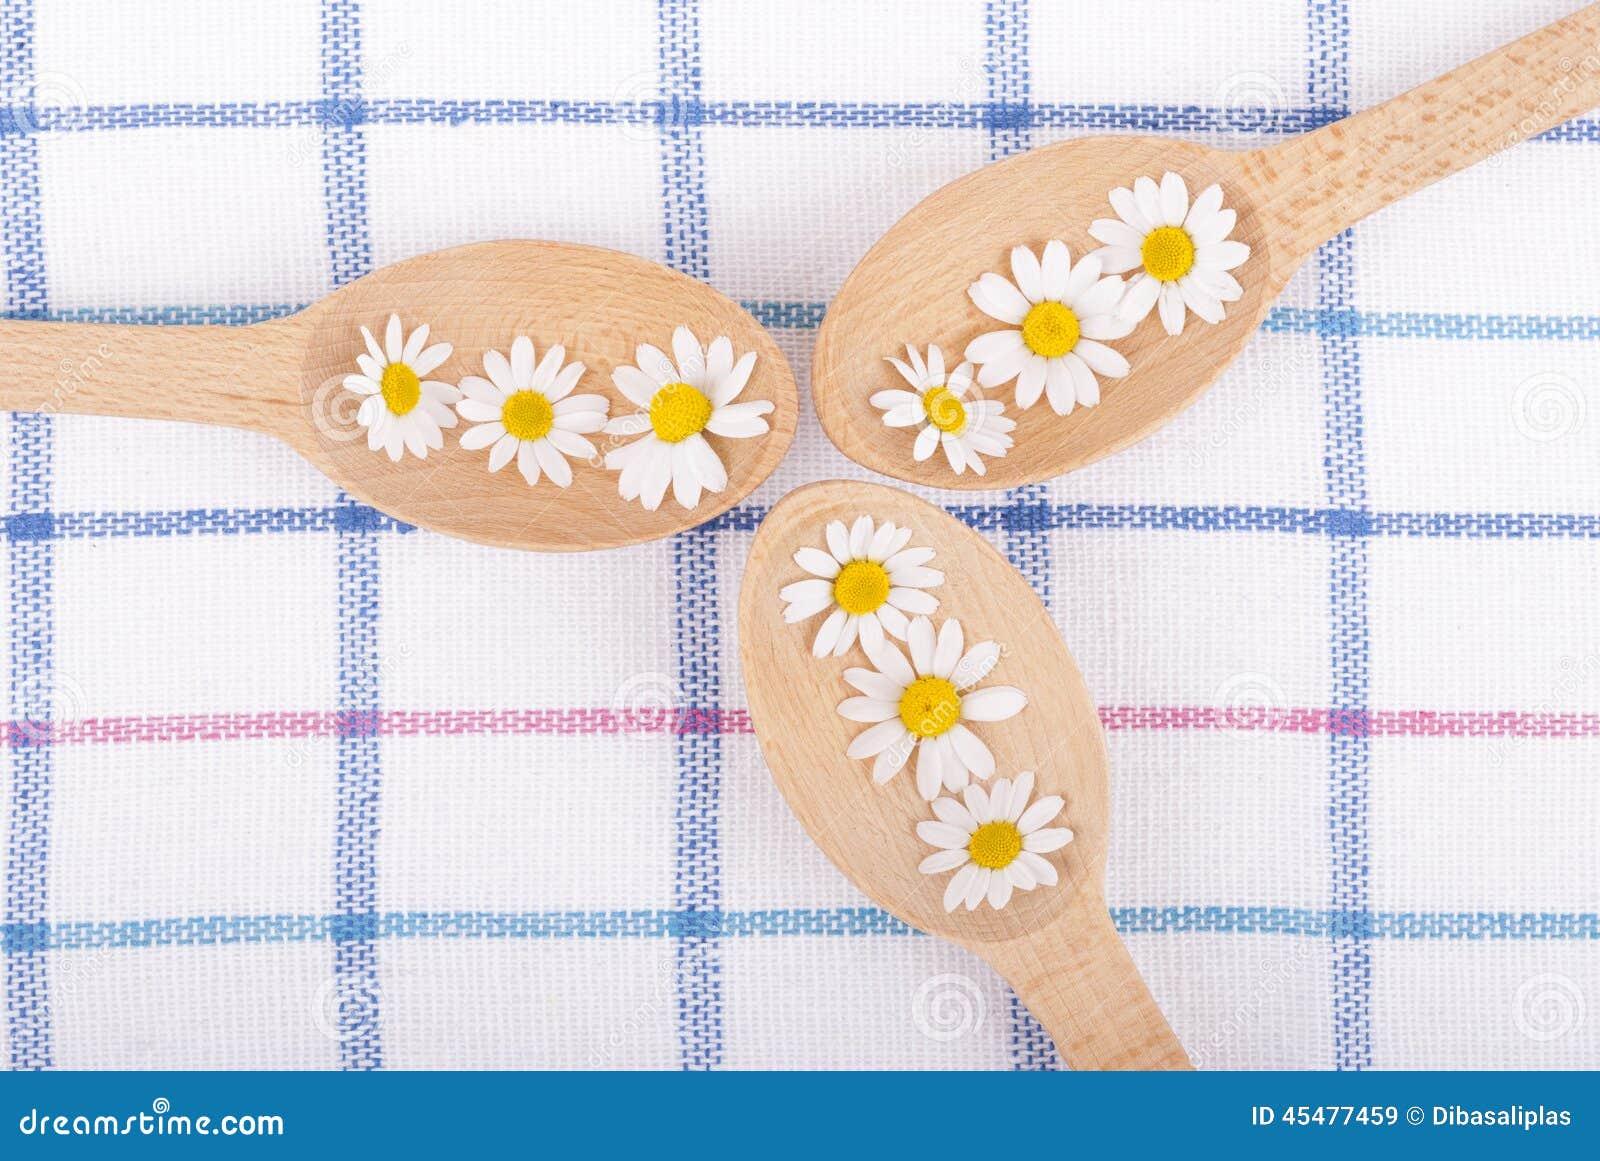 春黄菊木匙子